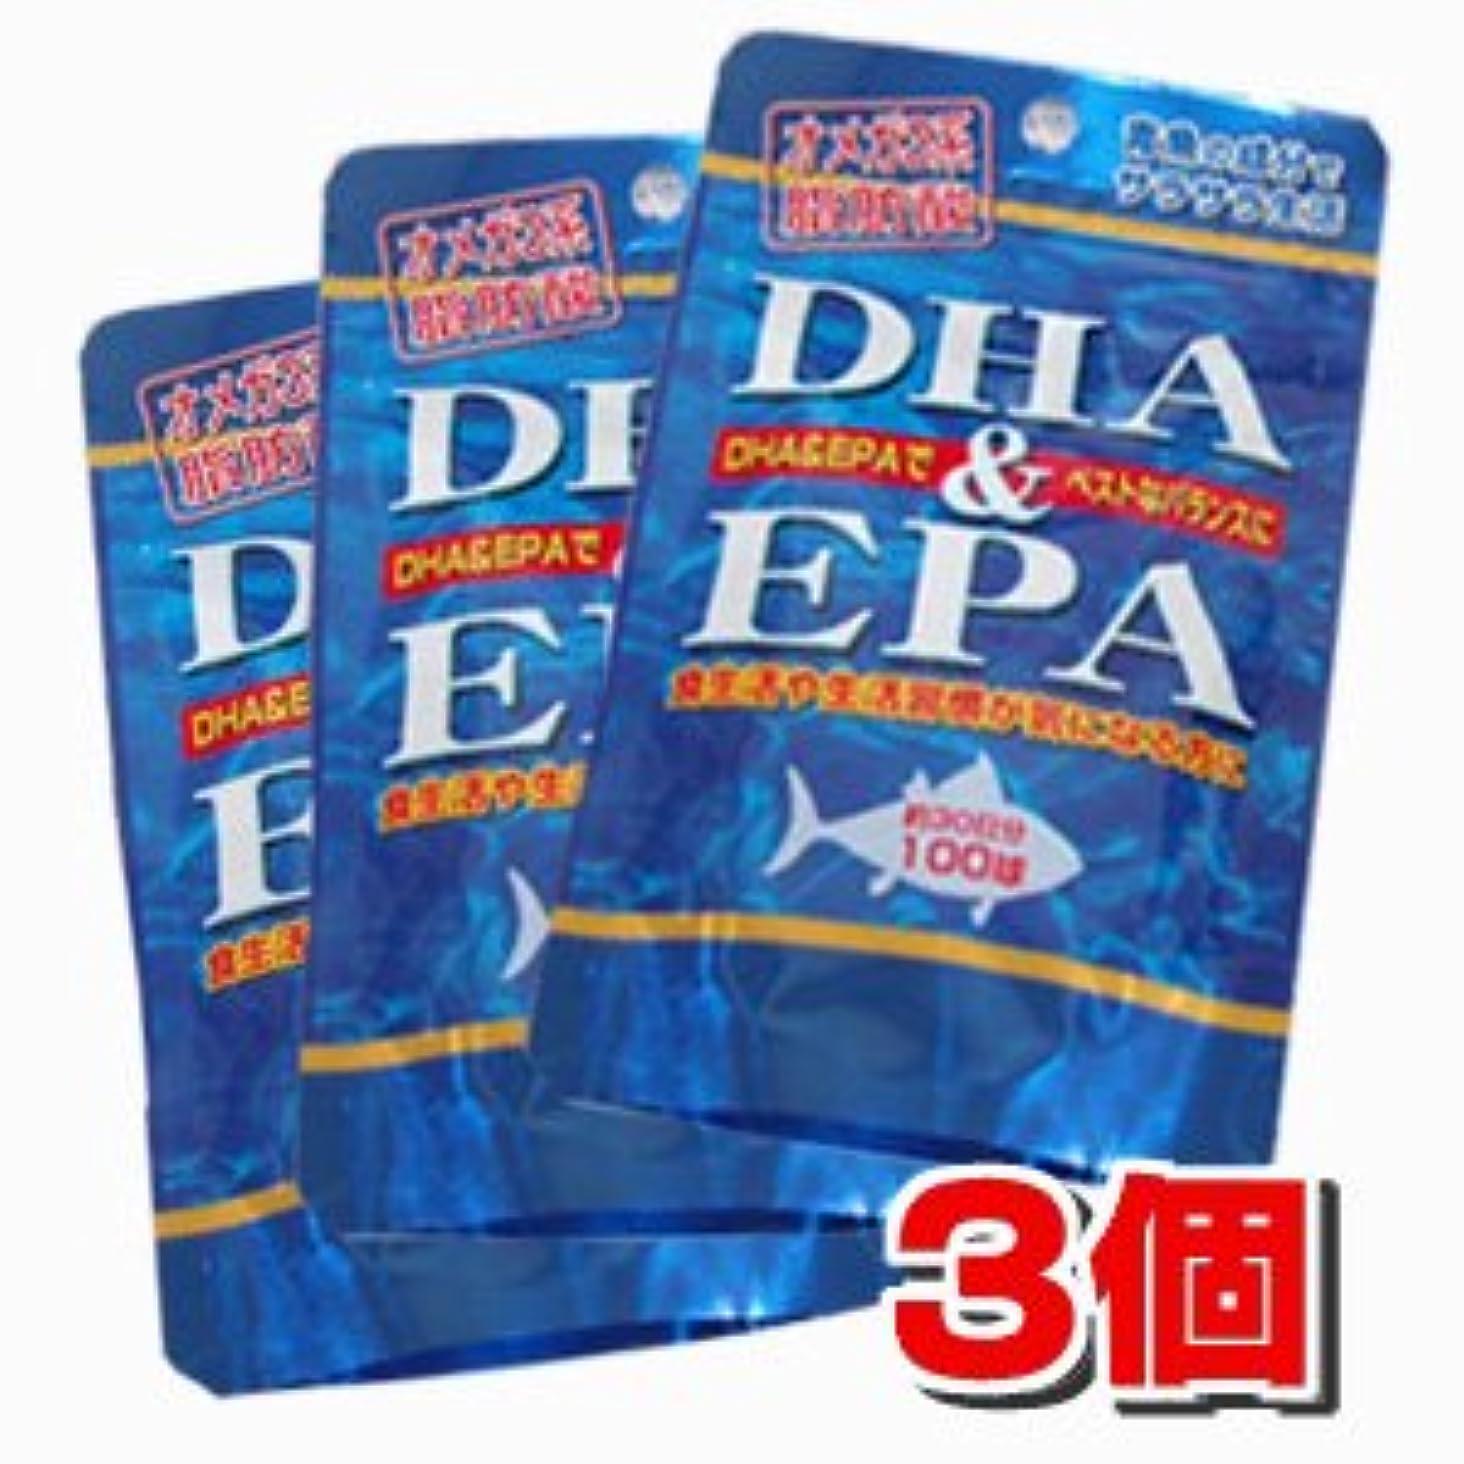 繁殖作曲家ランクDHA(ドコサヘキサエン酸)&EPA(エイコサペンタエン酸)